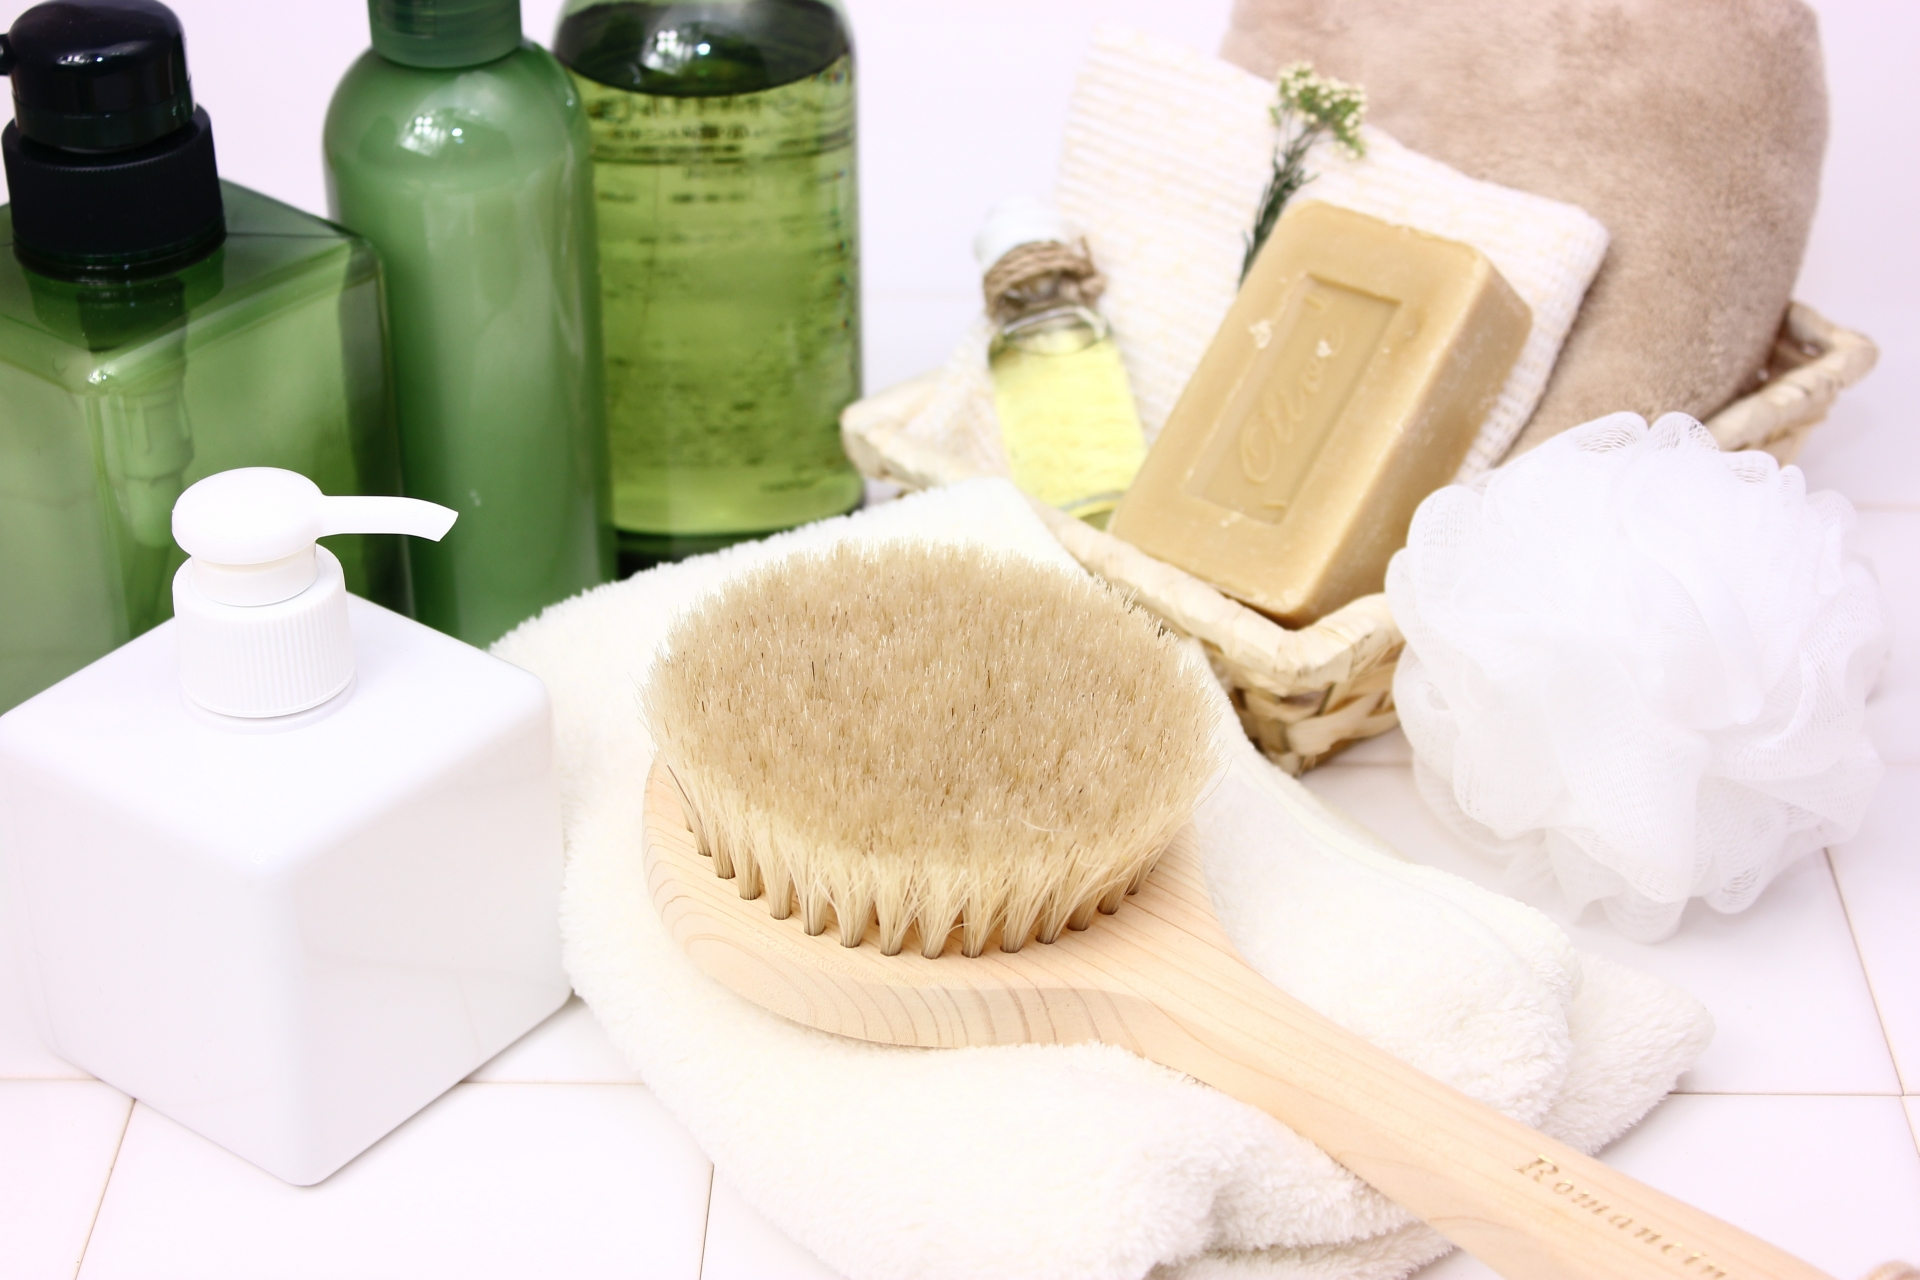 ヘアワックスは抜け毛や薄毛の原因?頭皮環境を改善する方法とは